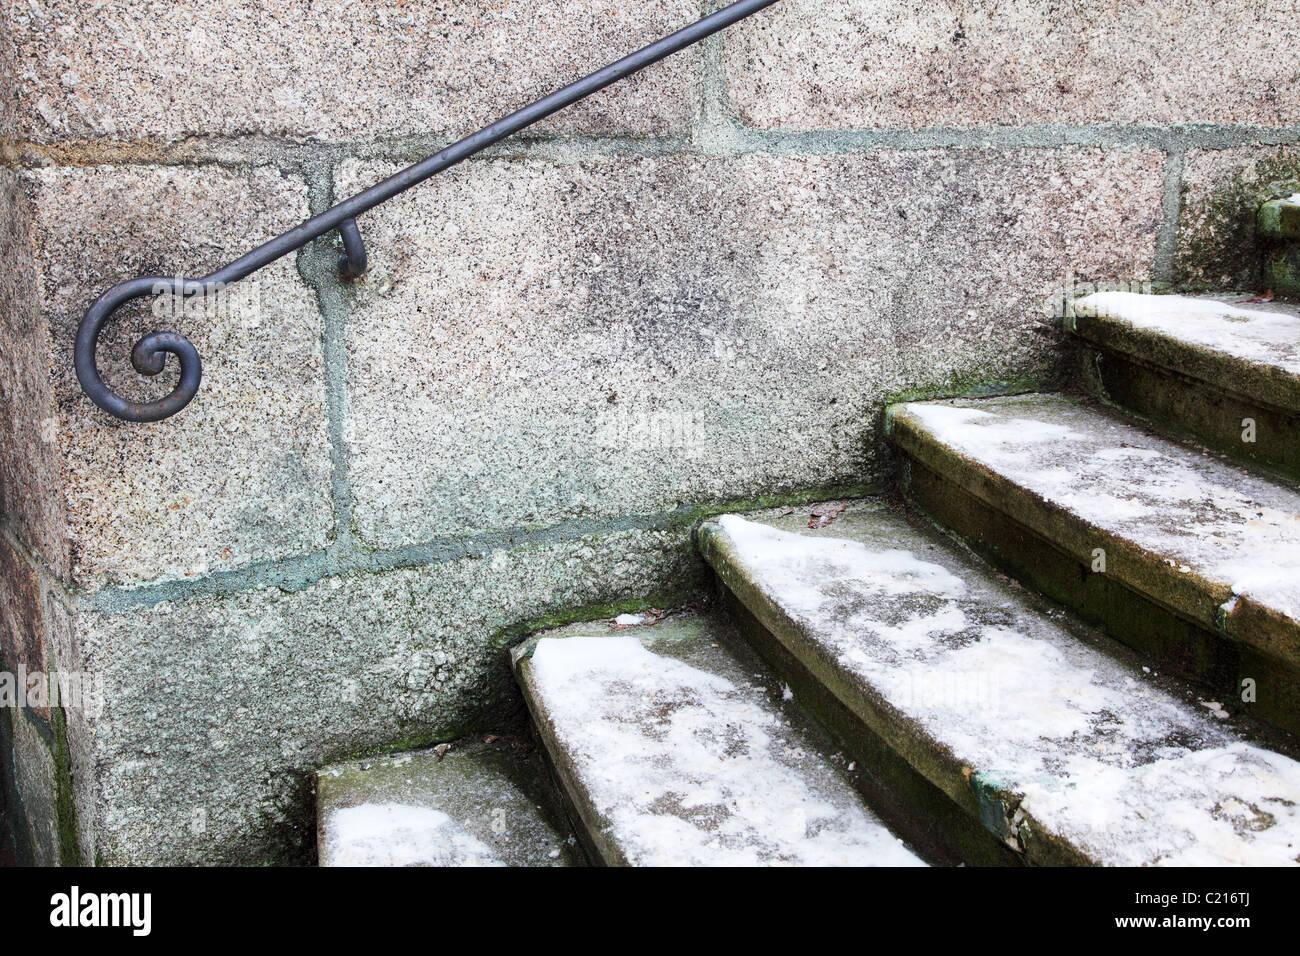 Metal handrail - Stock Image